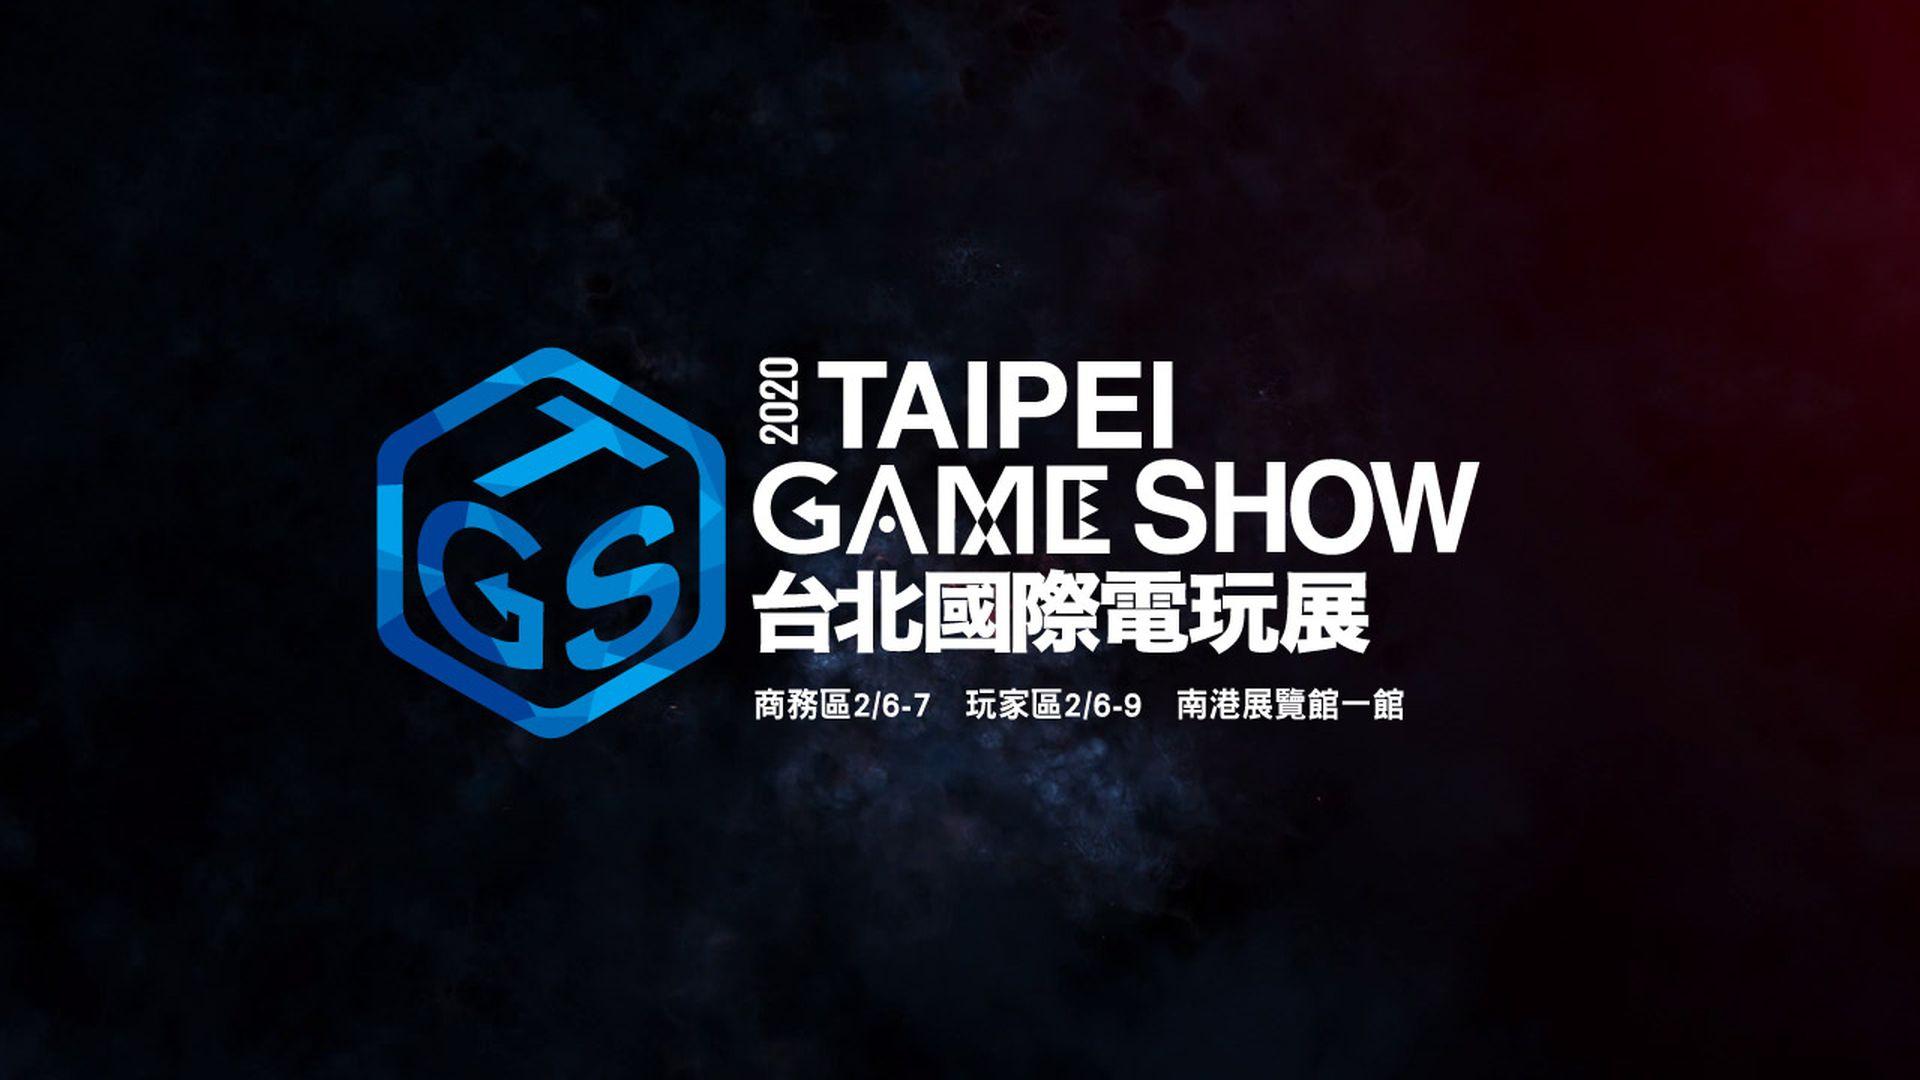 Taipei Game Show 2020